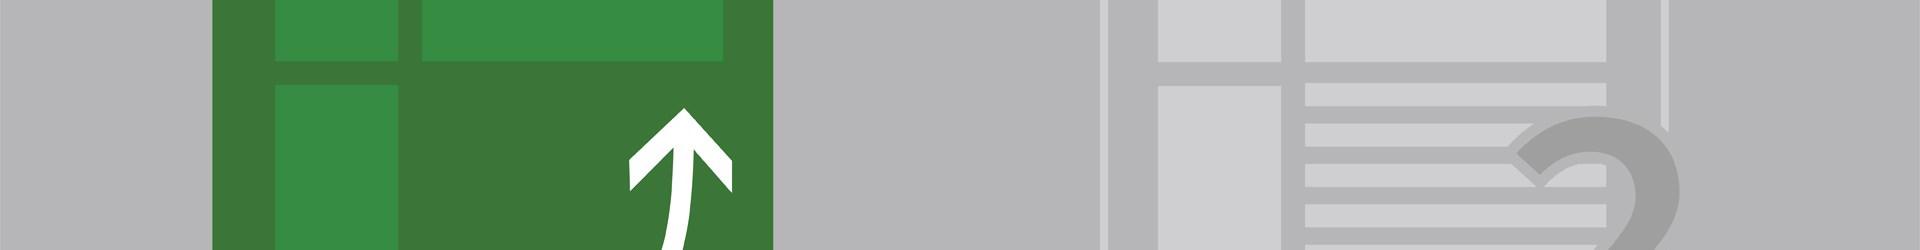 Fissare larghezza colonne in una tabella Pivot in Excel